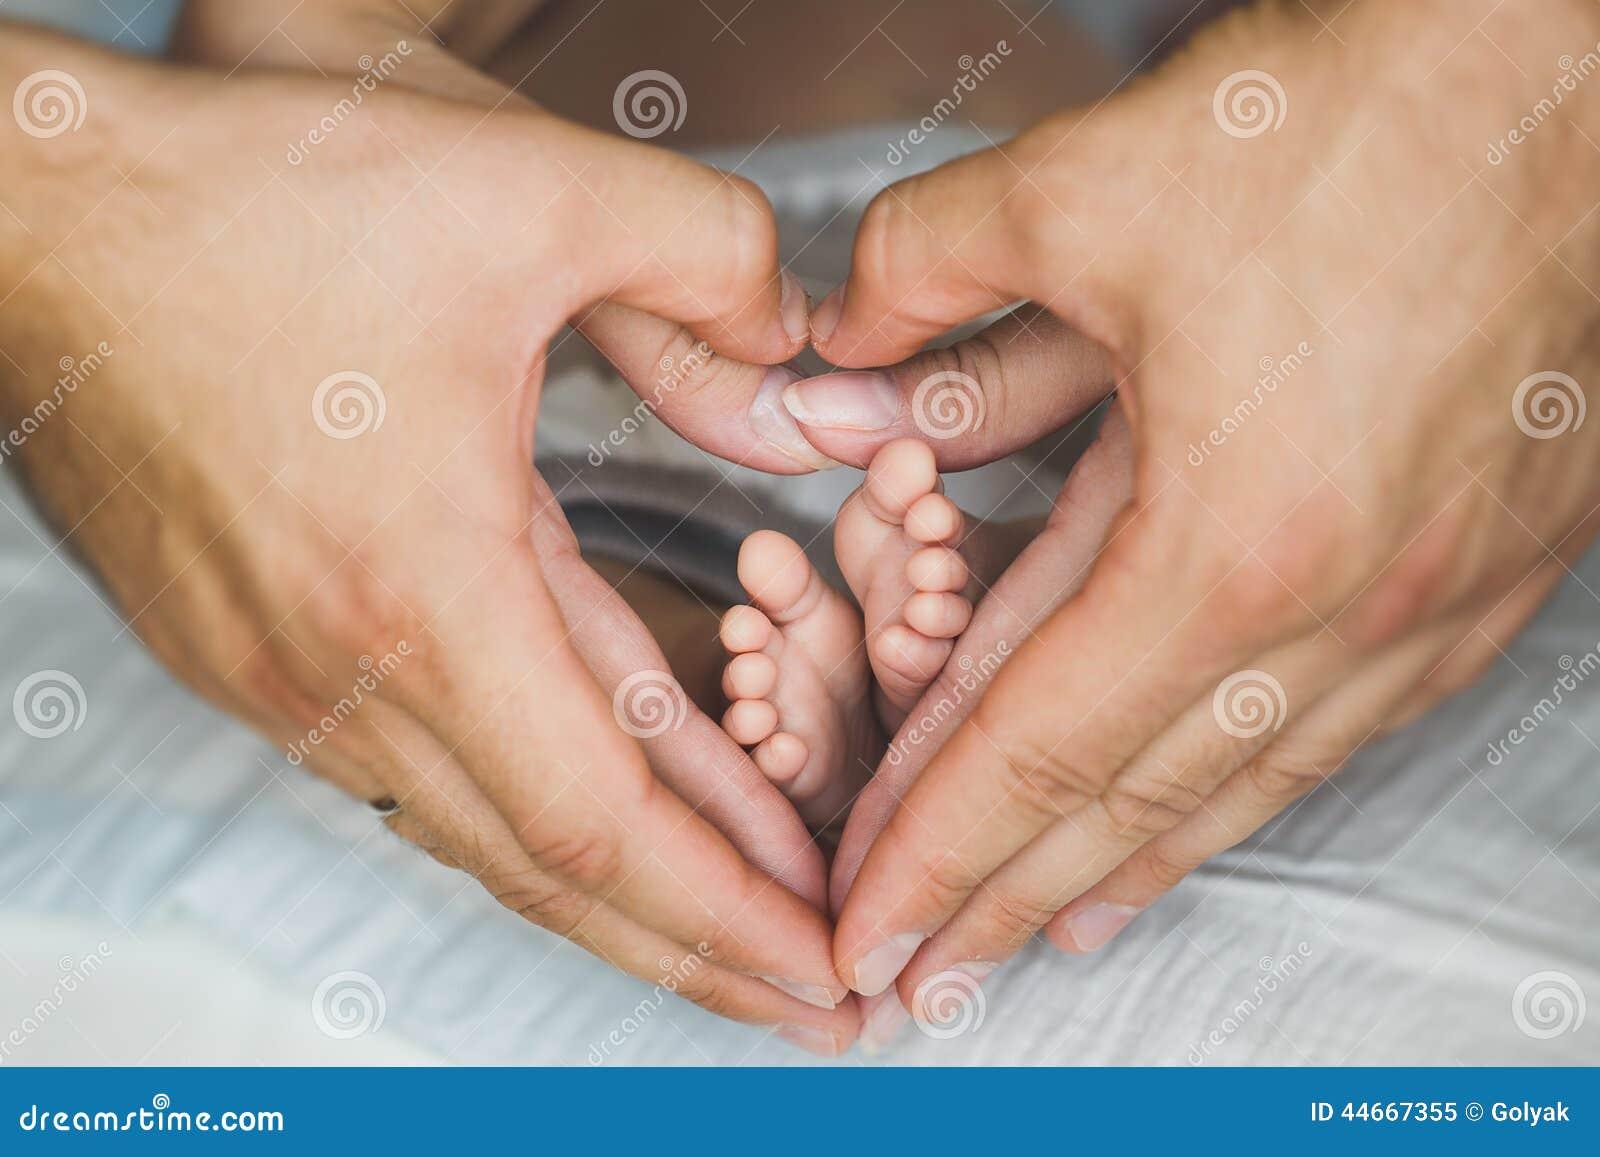 Baby Foot De Salon newborn baby feet in mother hands. stock image - image of